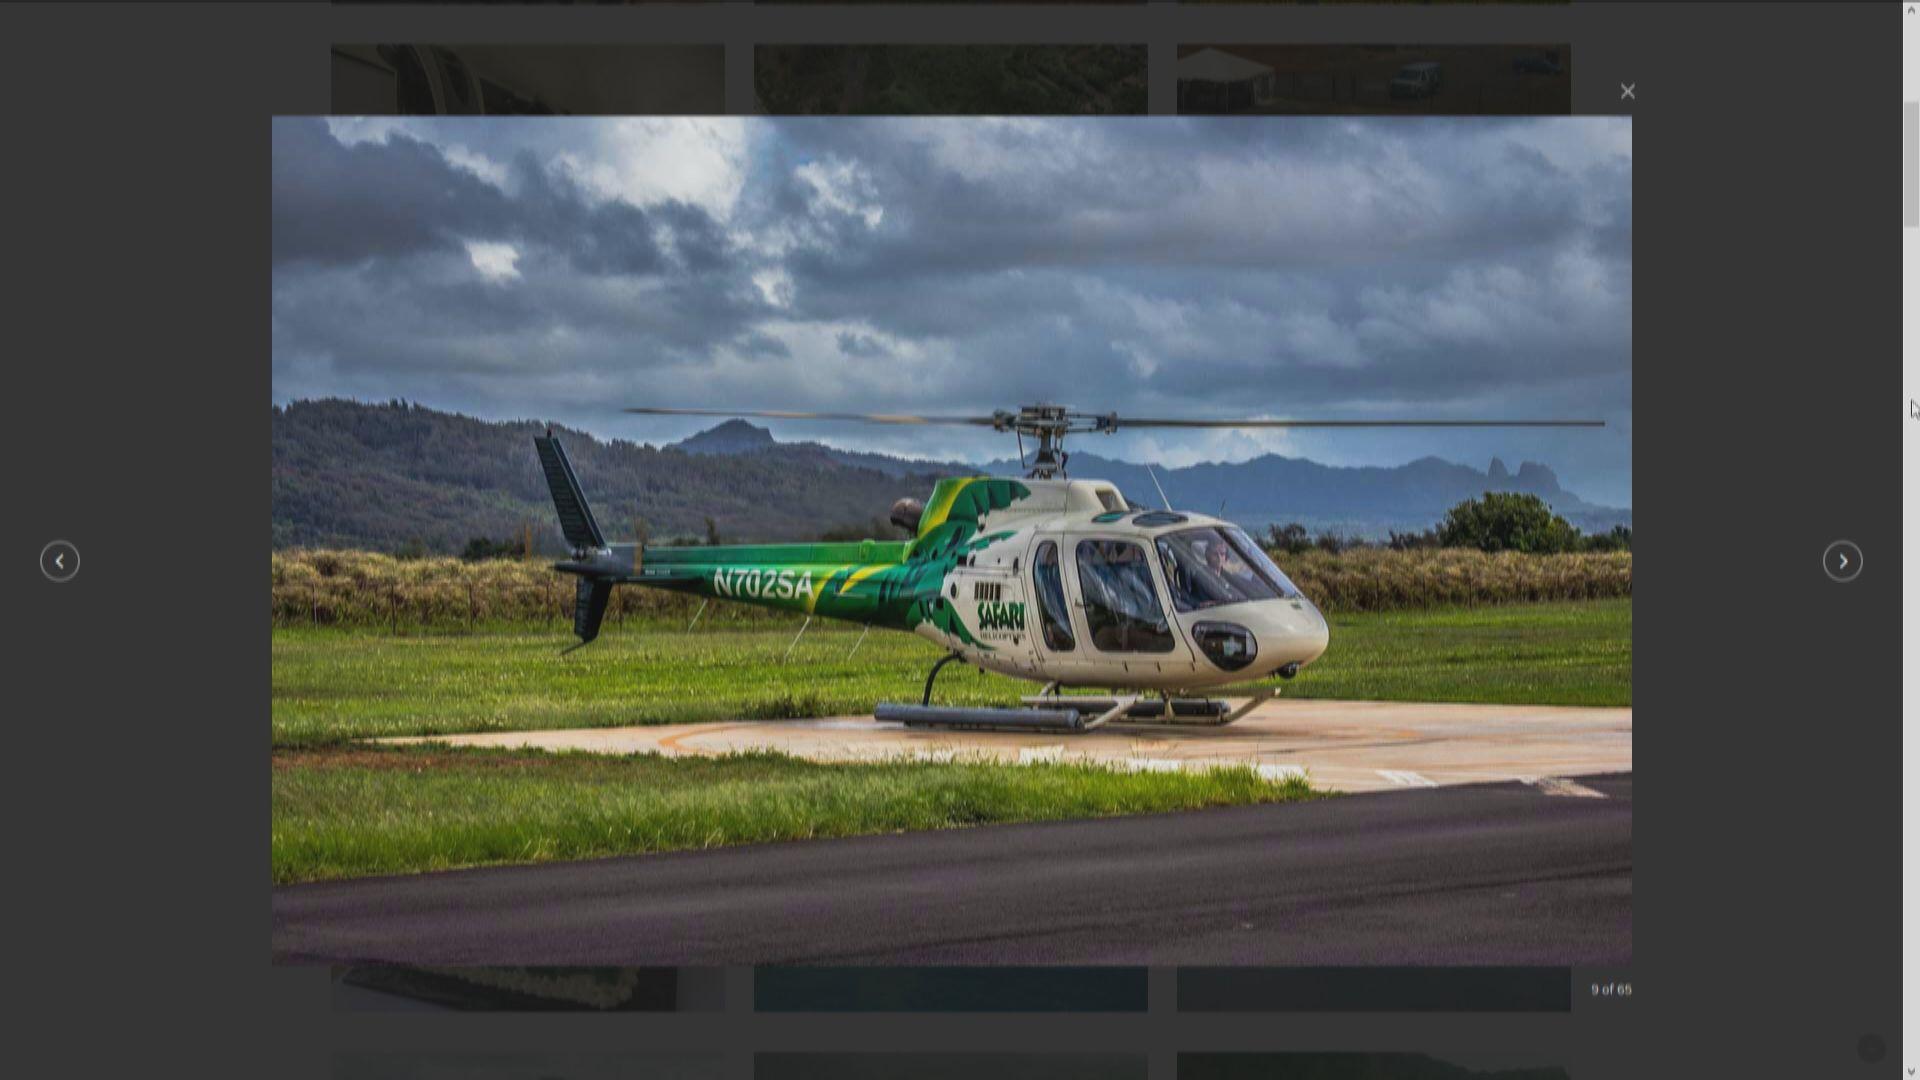 夏威夷觀光直升機墜毀至少六死